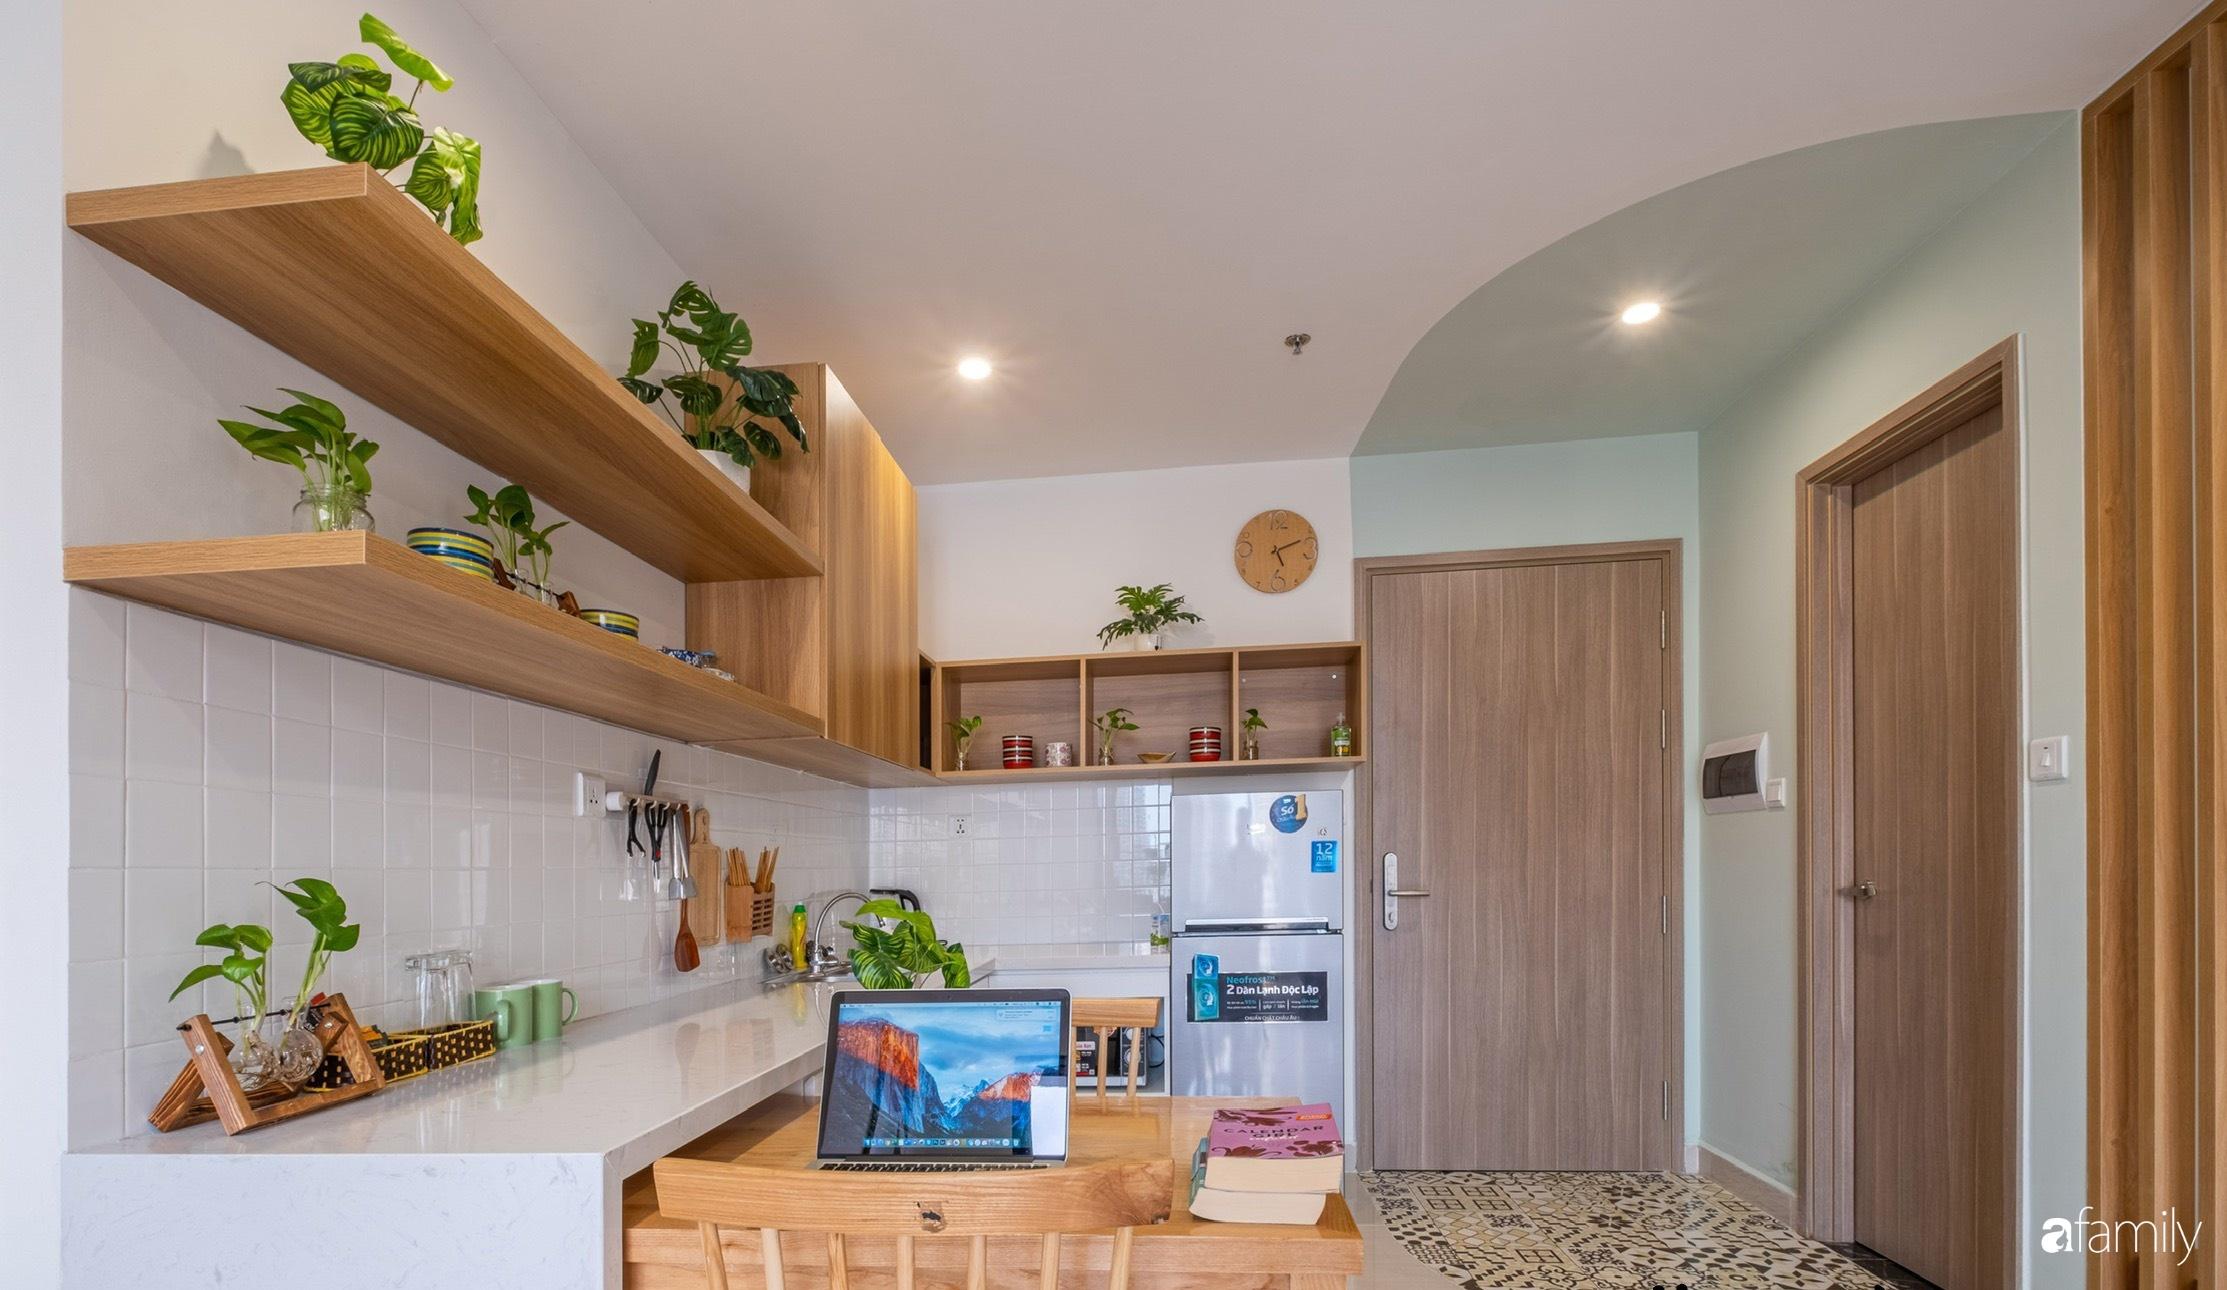 Căn hộ 40m² ở ngoại thành Hà Nội khiến ai ngắm nhìn cũng xuýt xoa vì đẹp có chi phí hoàn thiện 70 triệu đồng - Ảnh 4.